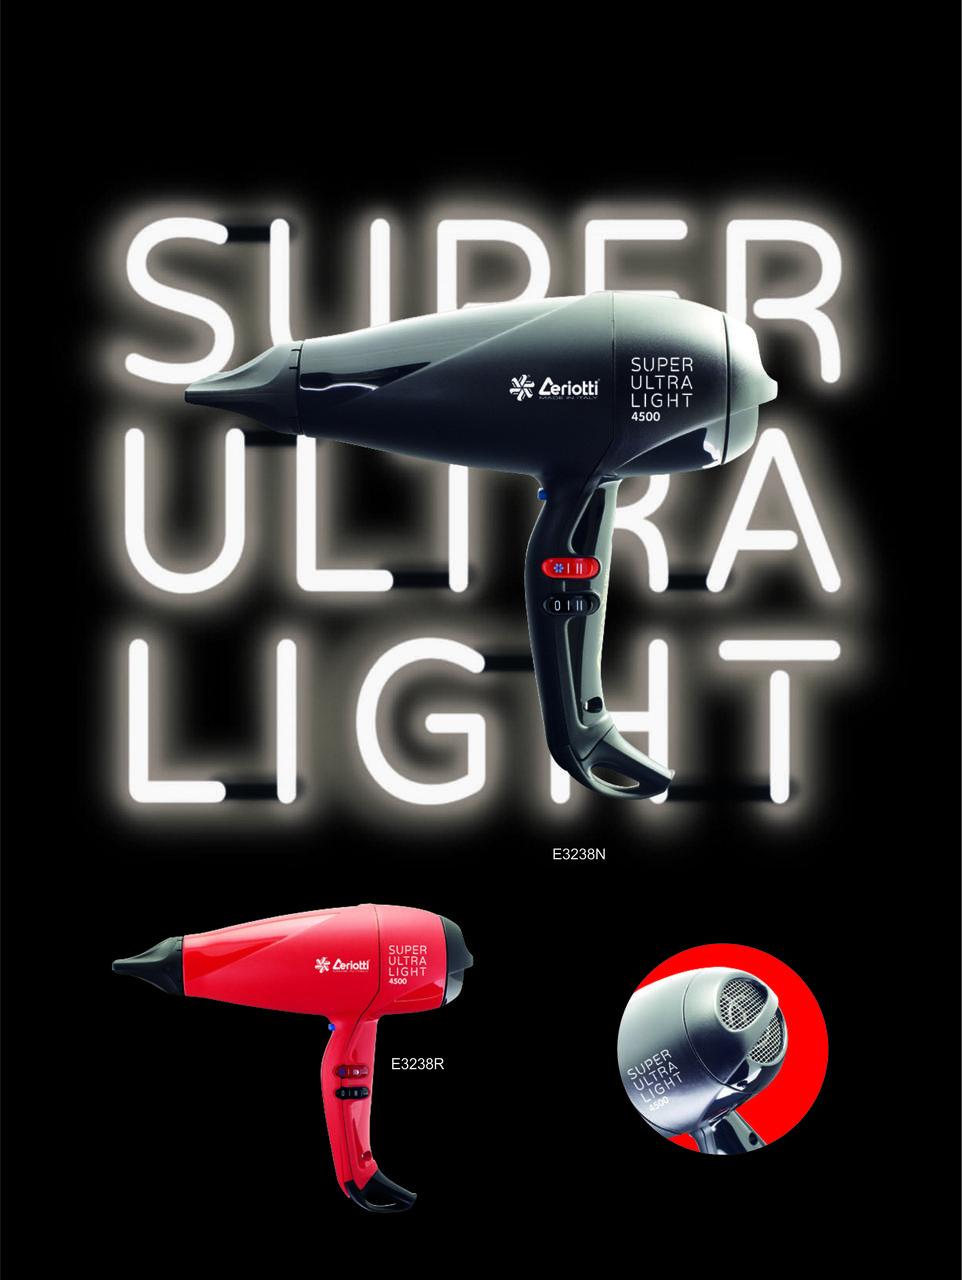 Фен Ceriotti ULTRA LIGHT 4500, 2100-2500W